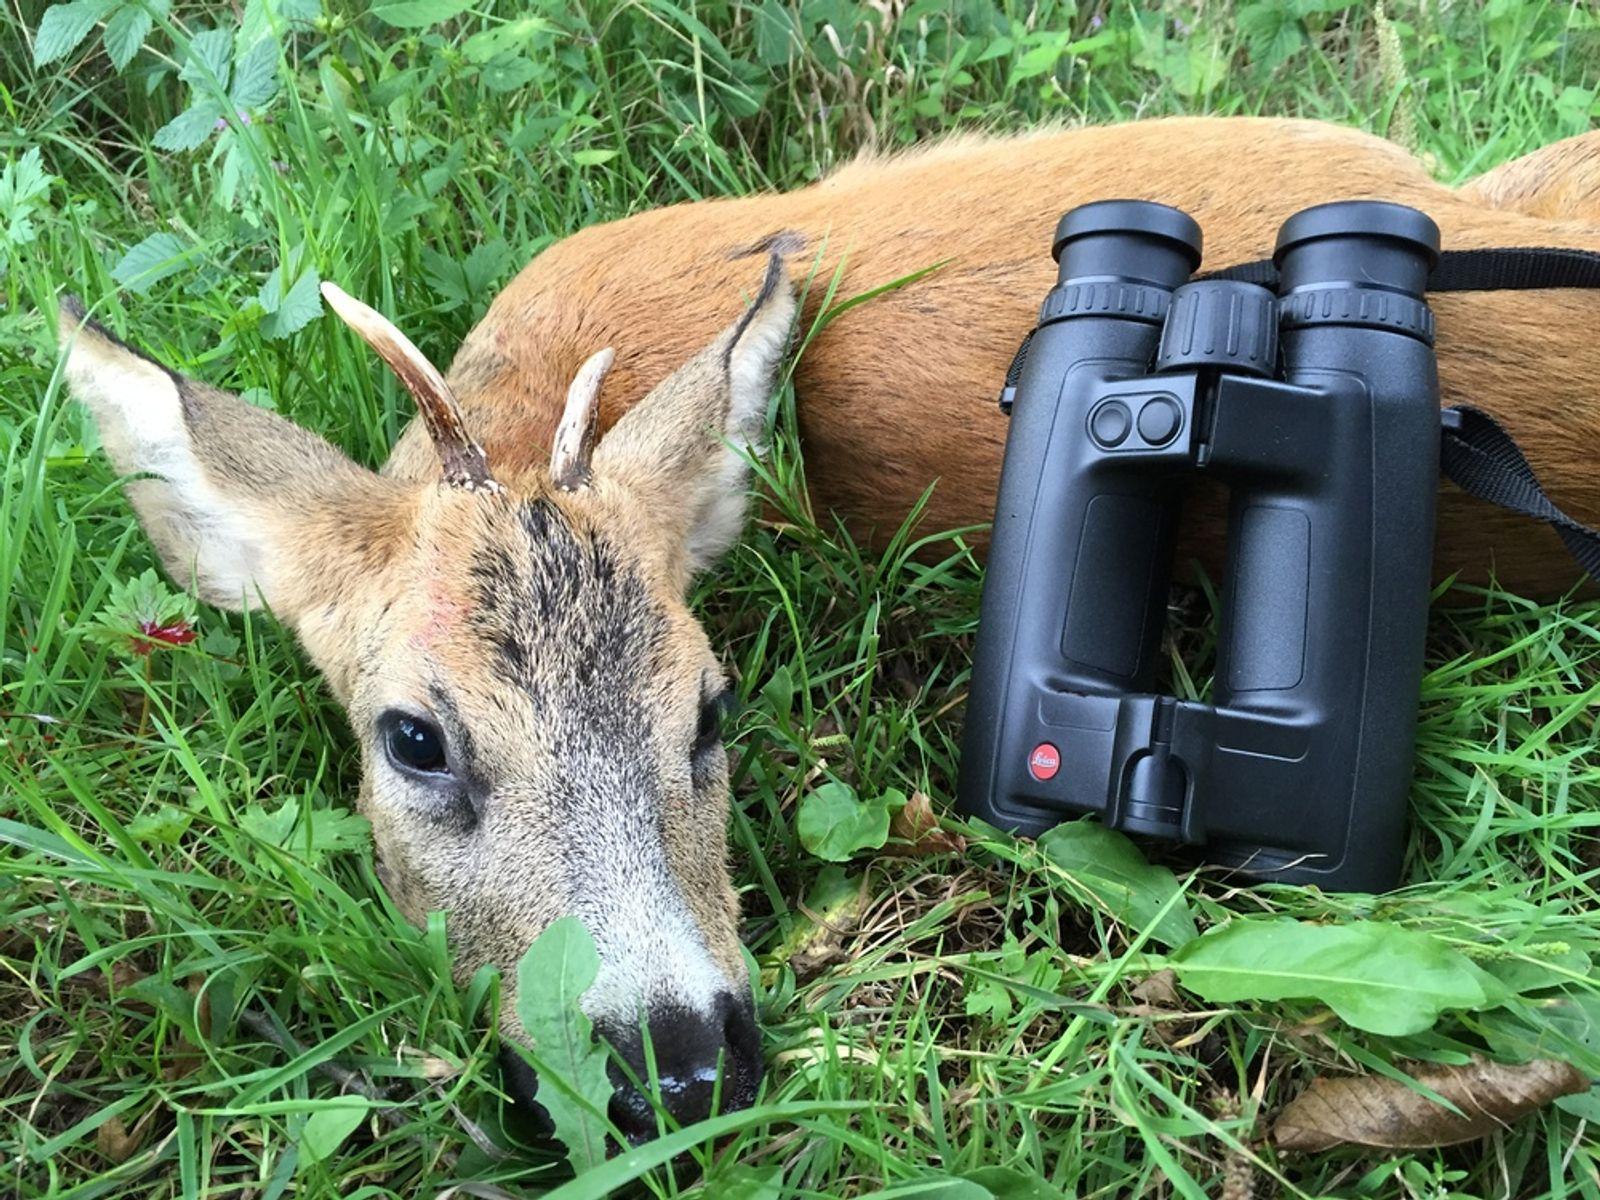 Leica Fernglas Mit Entfernungsmesser Geovid 8x56 R : Leica geovid hd b viel geld für leistung